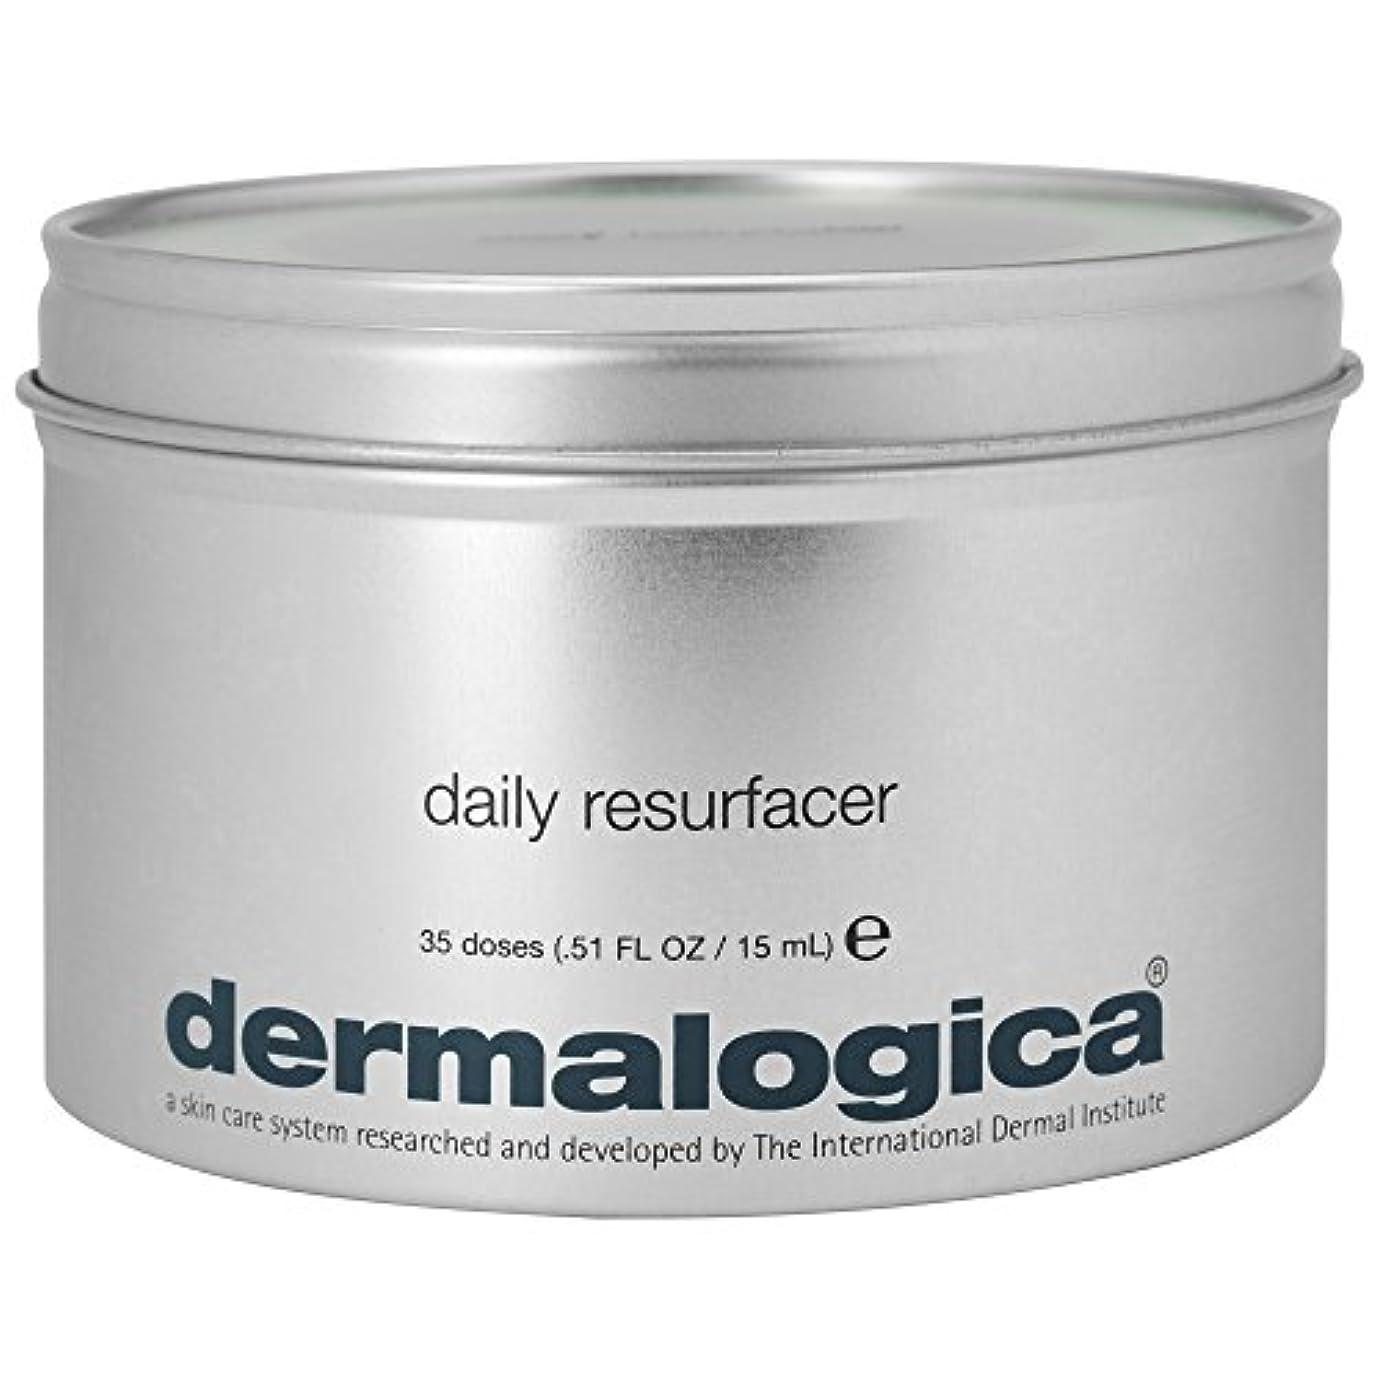 アクティブ問題シーボード35のダーマロジカ毎日Resurfacerパック (Dermalogica) - Dermalogica Daily Resurfacer Pack of 35 [並行輸入品]